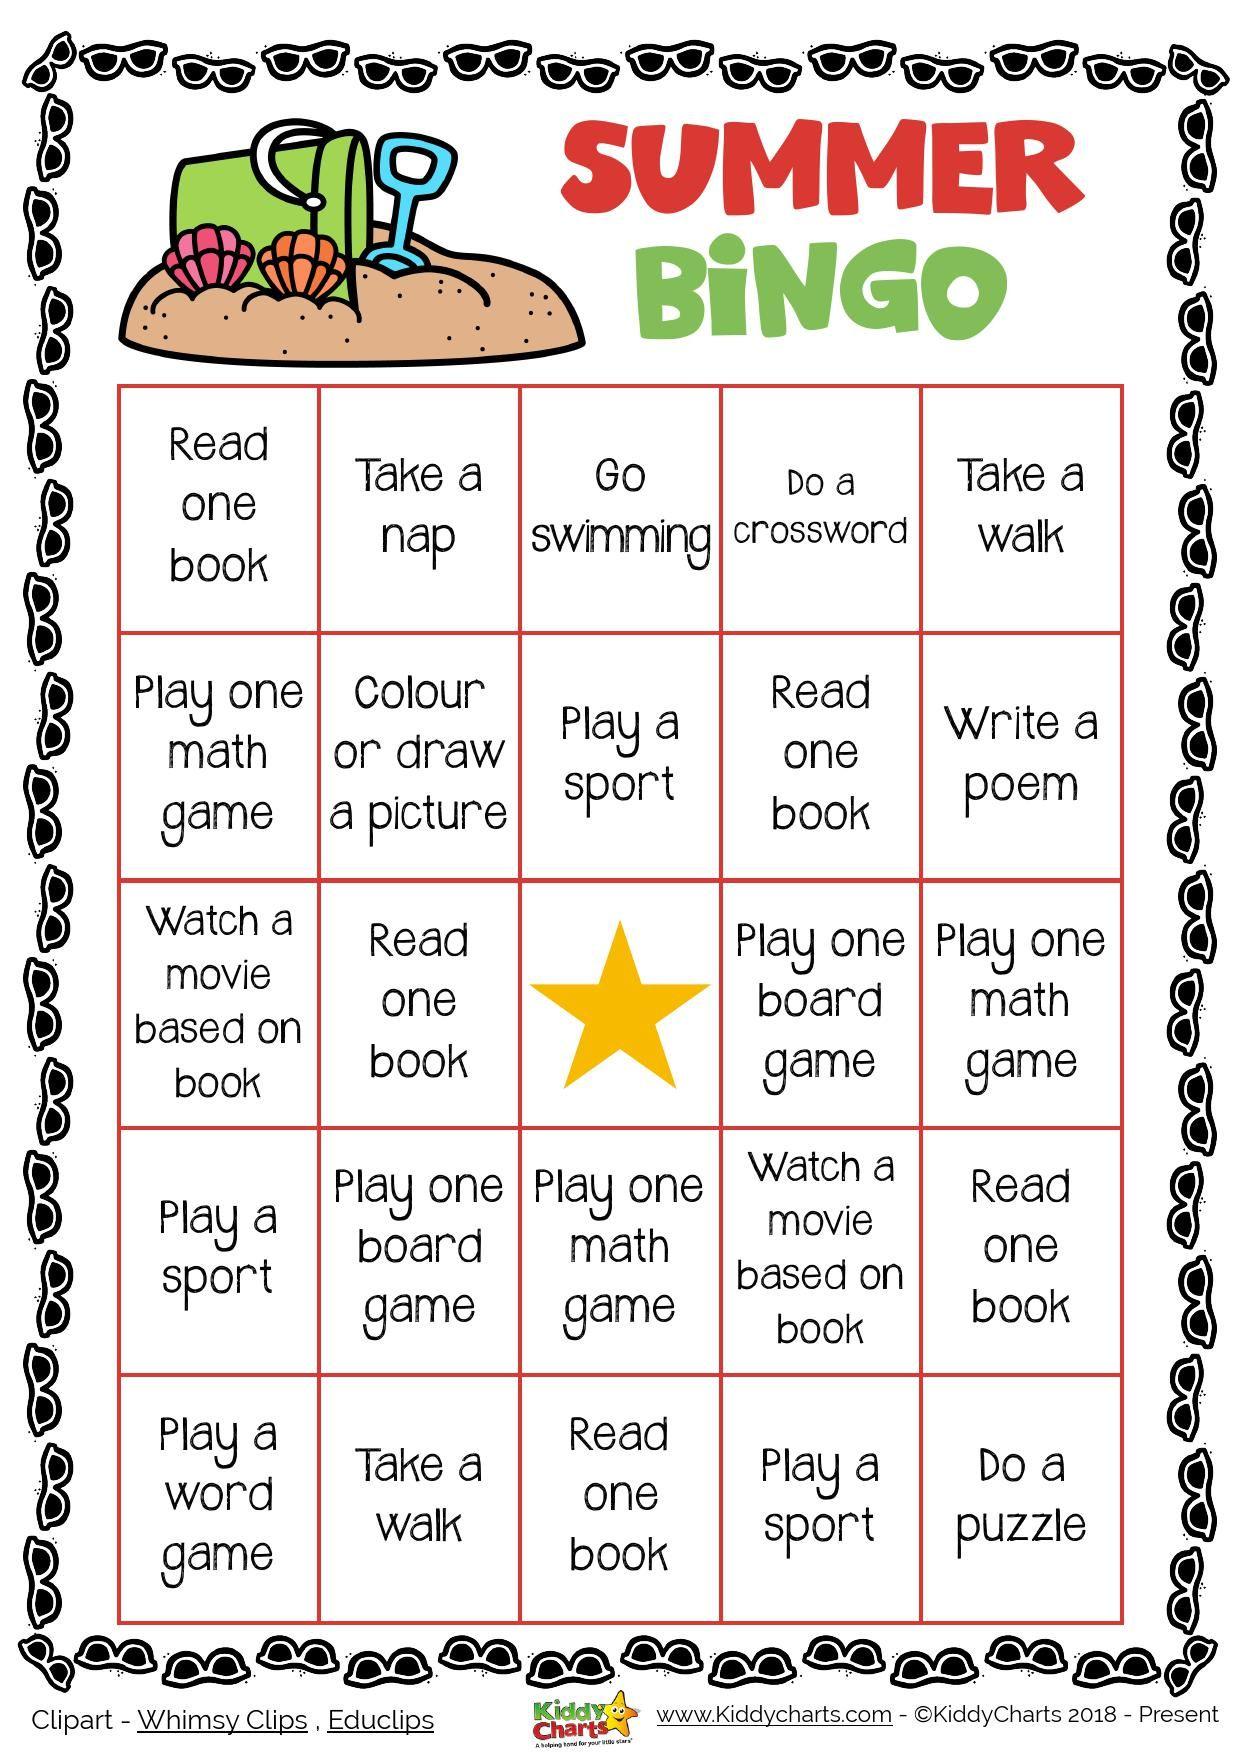 Day printable game kiddychartssummer. Bingo clipart summer